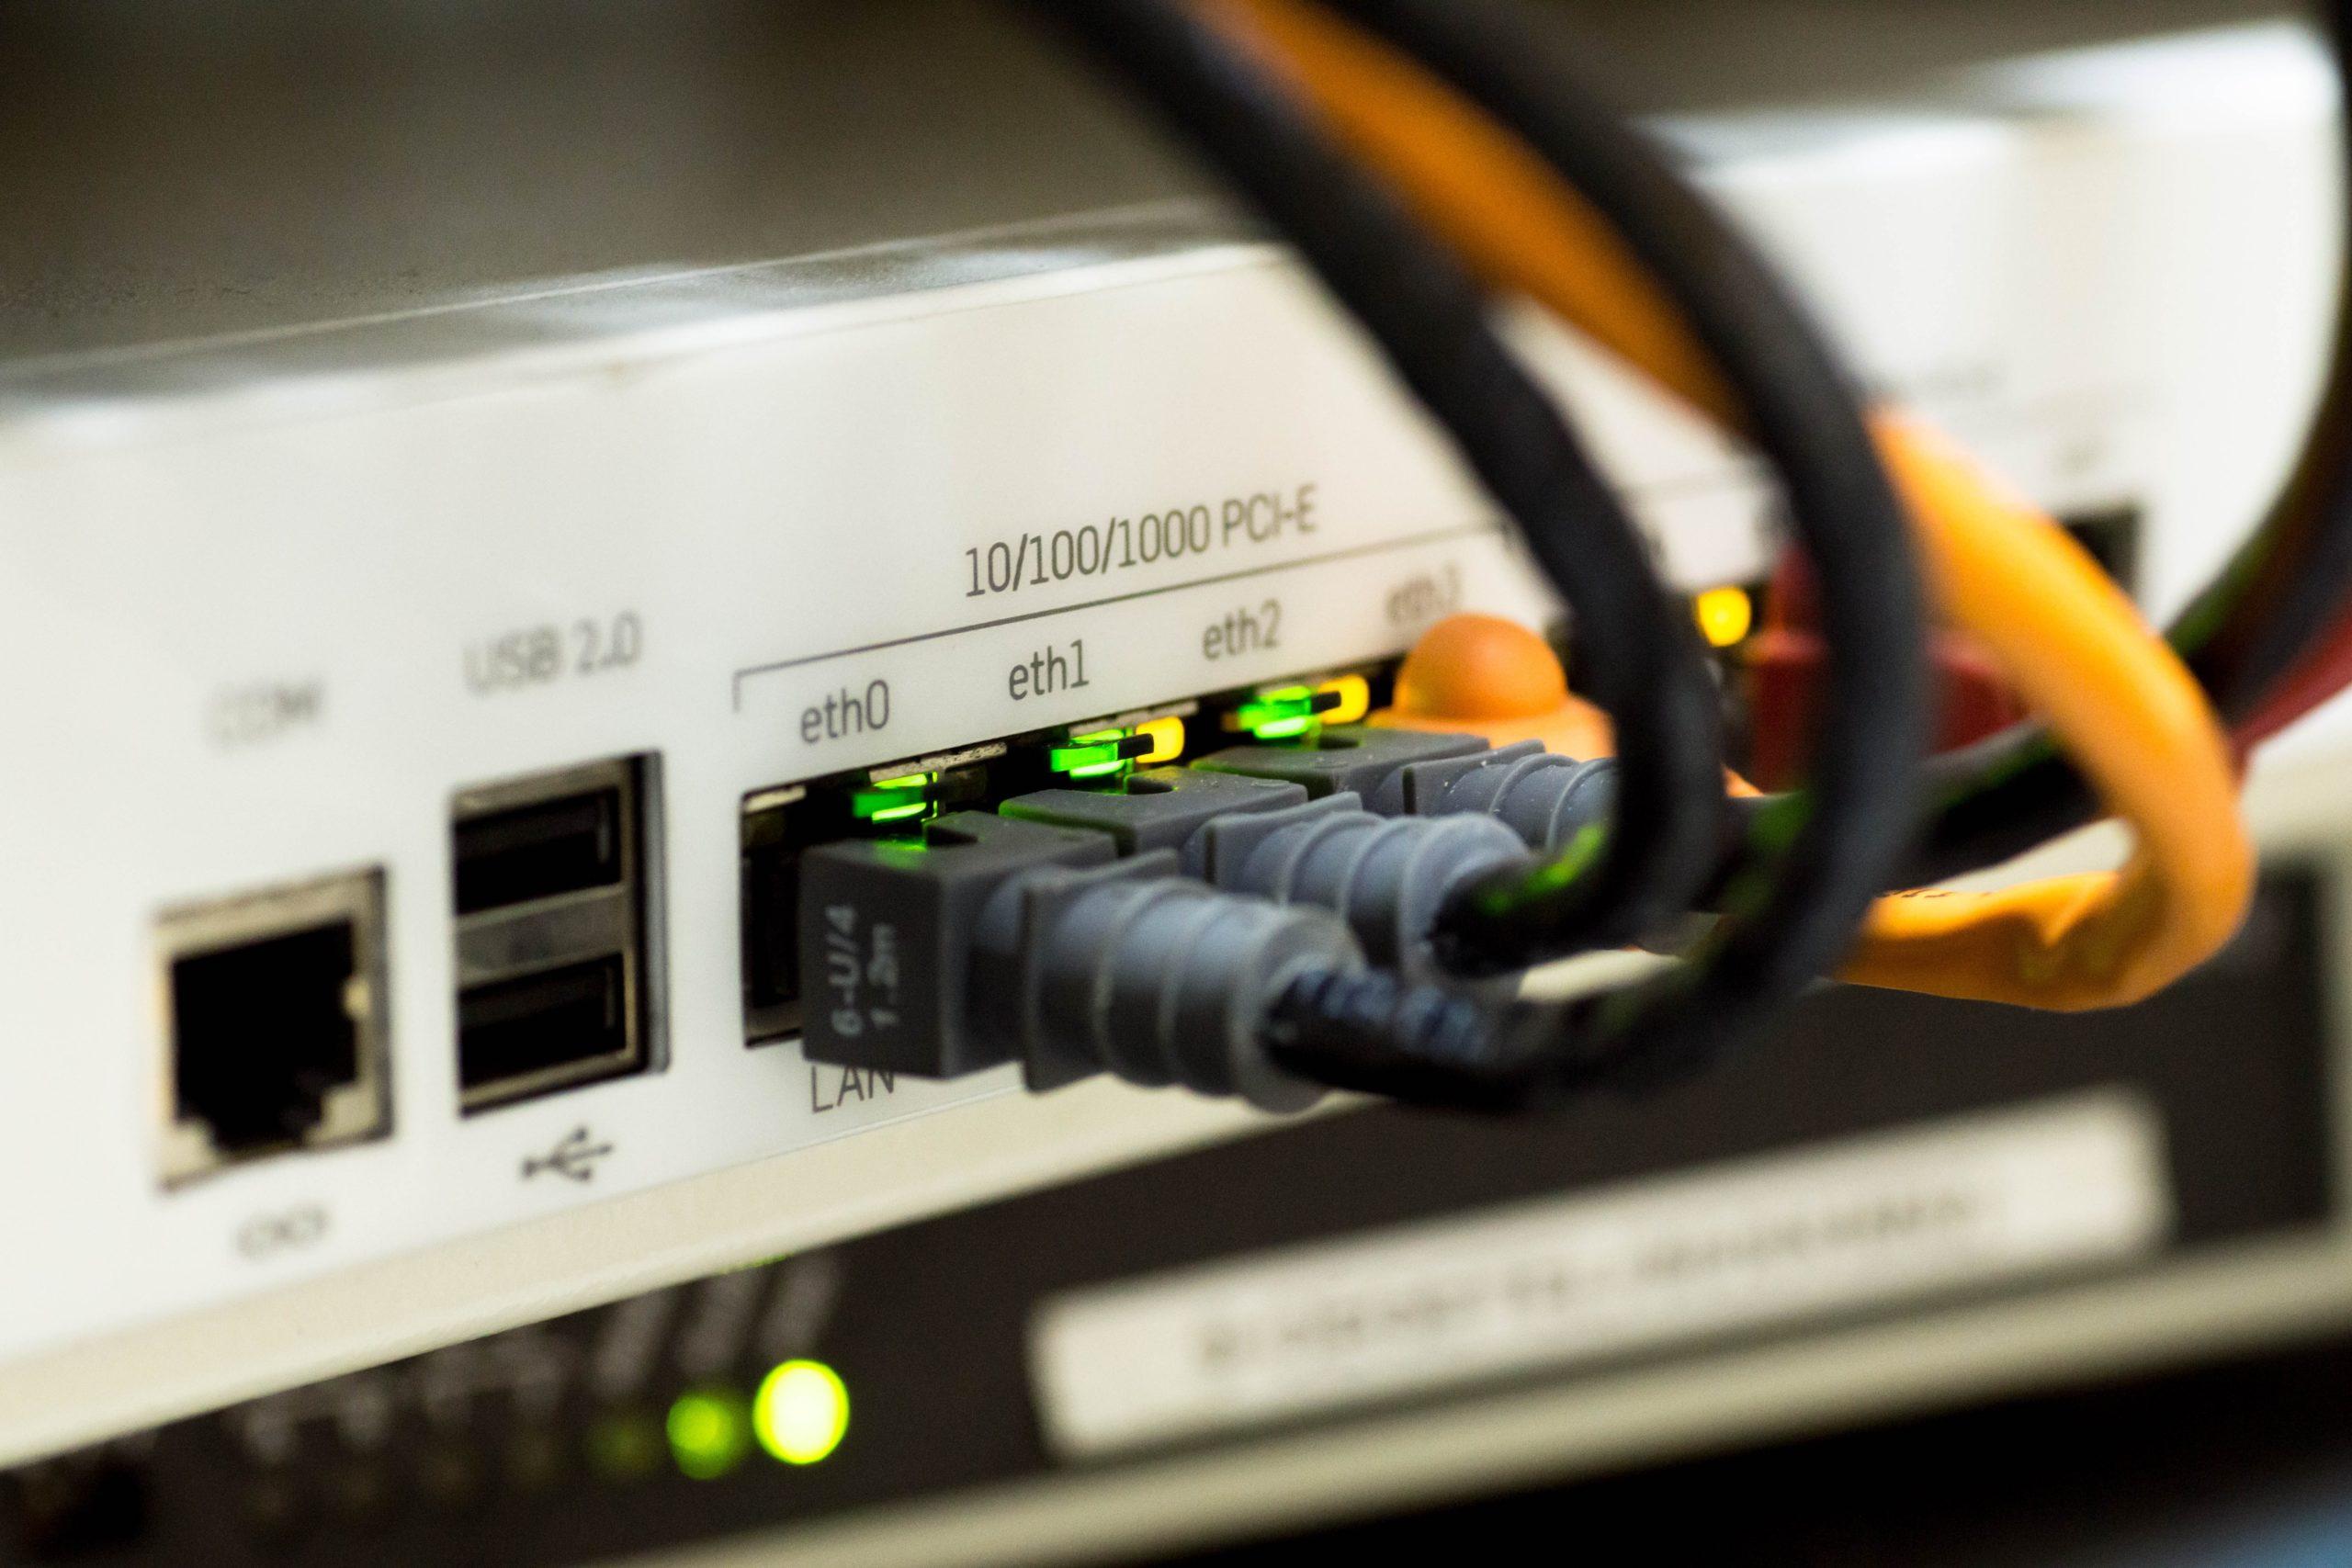 Стала известна средняя стоимость 1 гигабайта интернета в Узбекистане